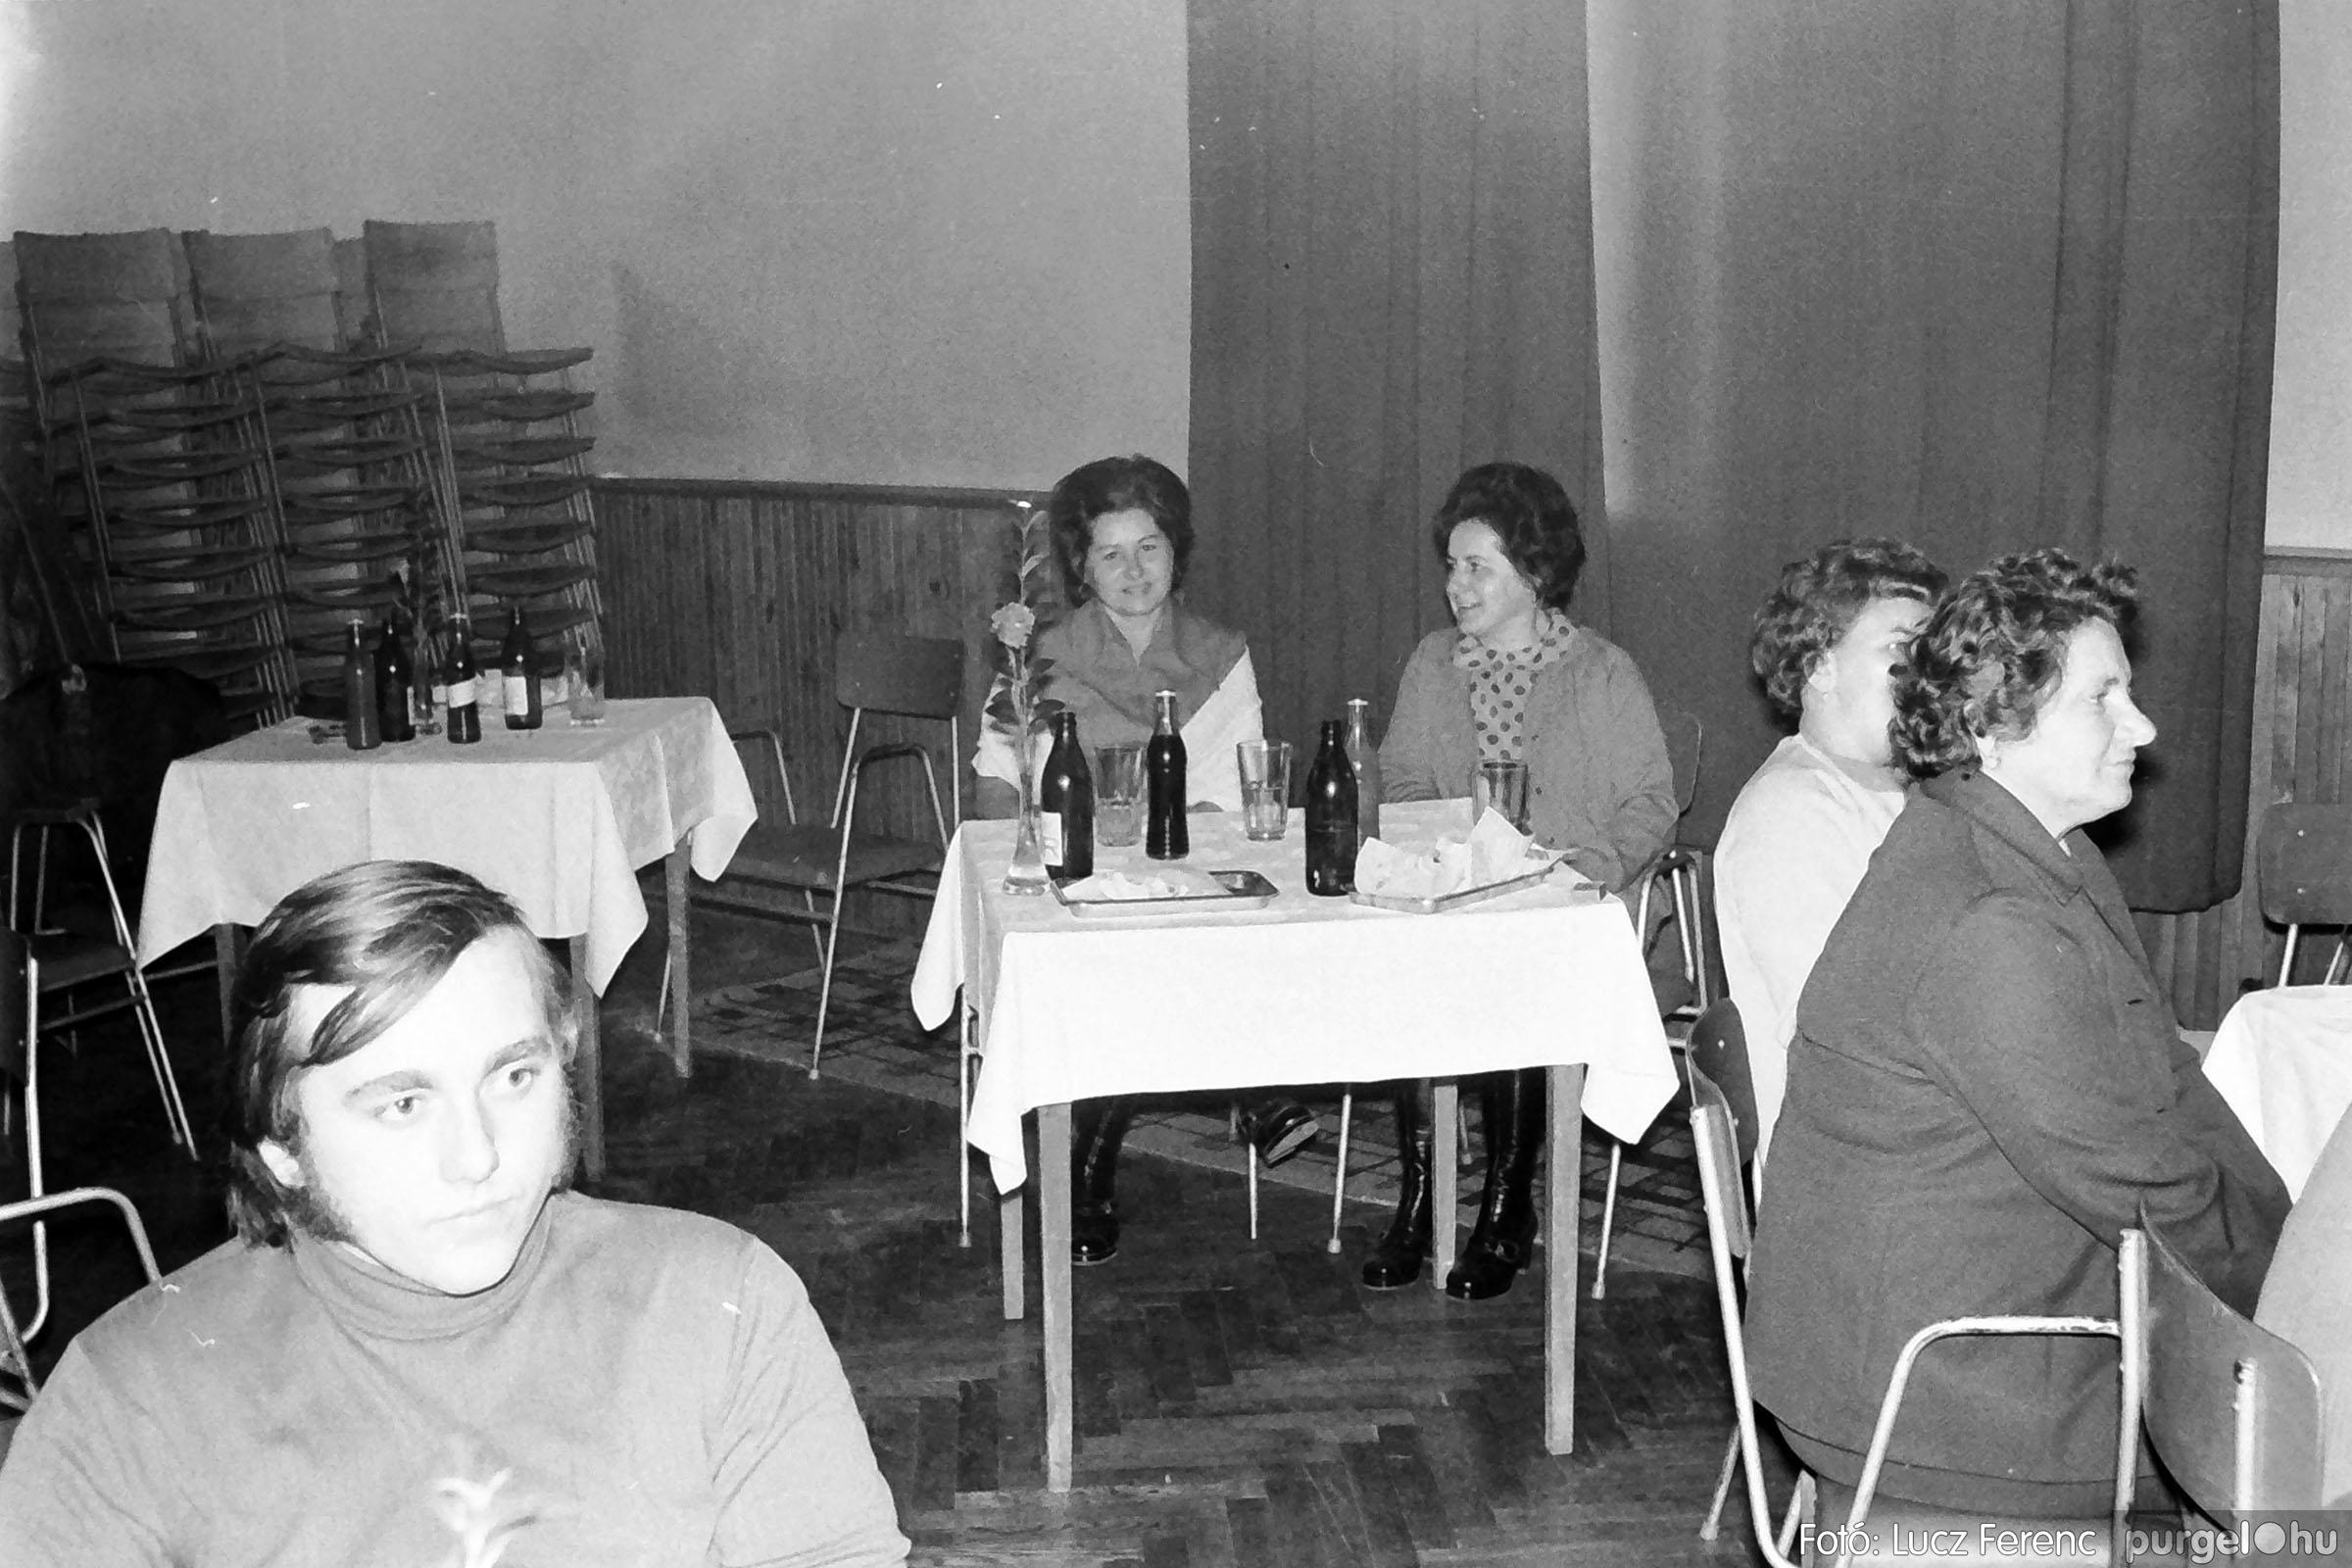 004A 1970-es évek - Kendergyári dolgozók vetélkedője 019 - Fotó: Lucz Ferenc IMG00099q.jpg